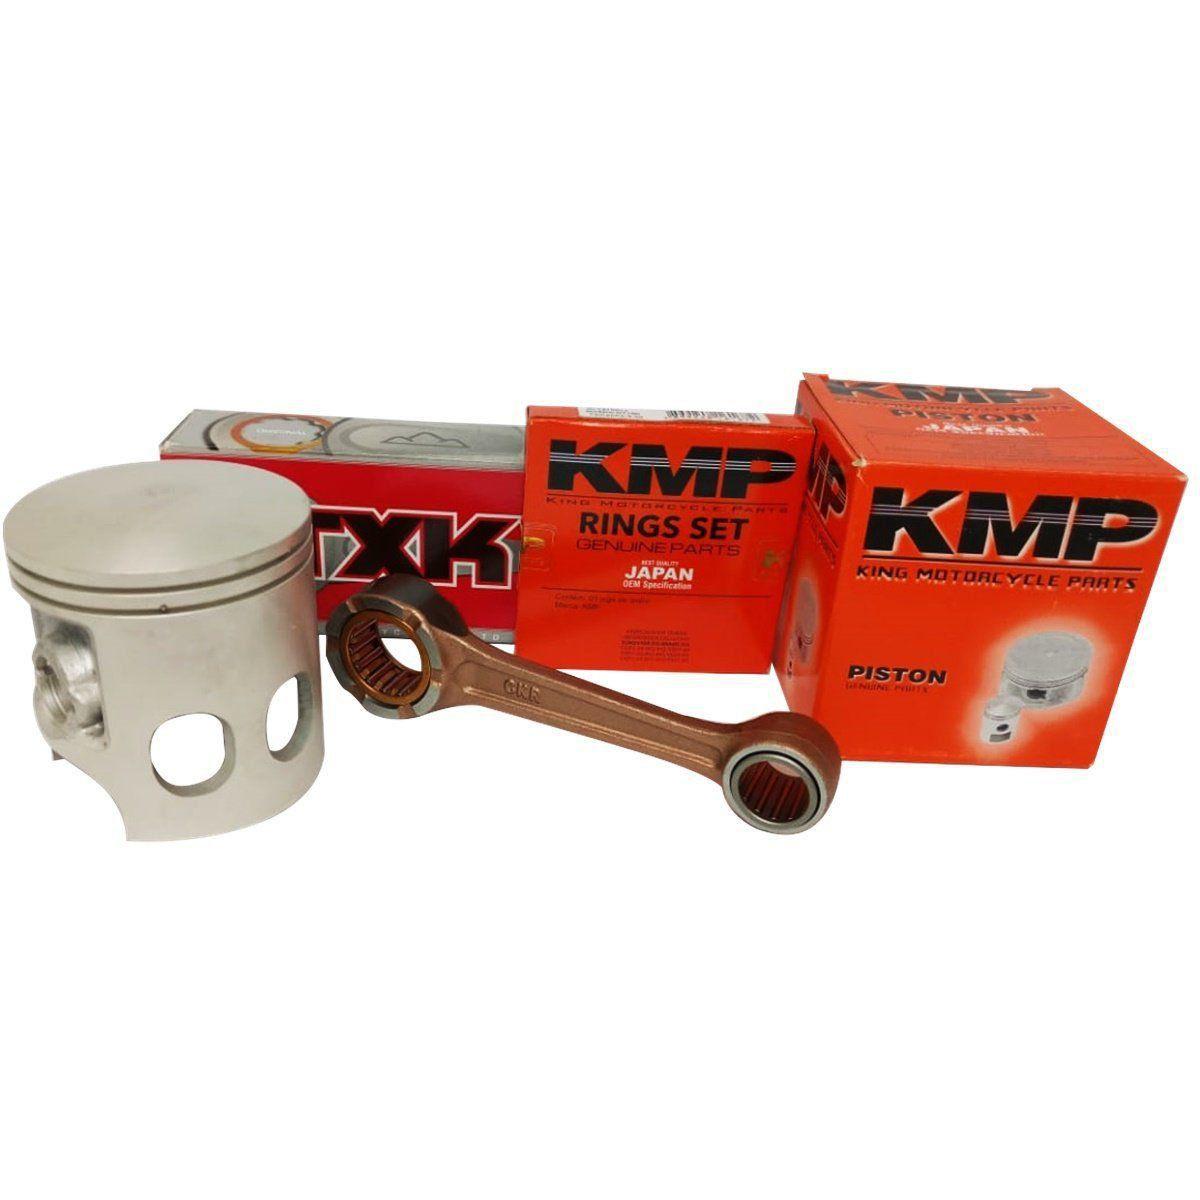 Kit Pistão Kmp e Biela Txk Dt 180 Std á 2.00mm